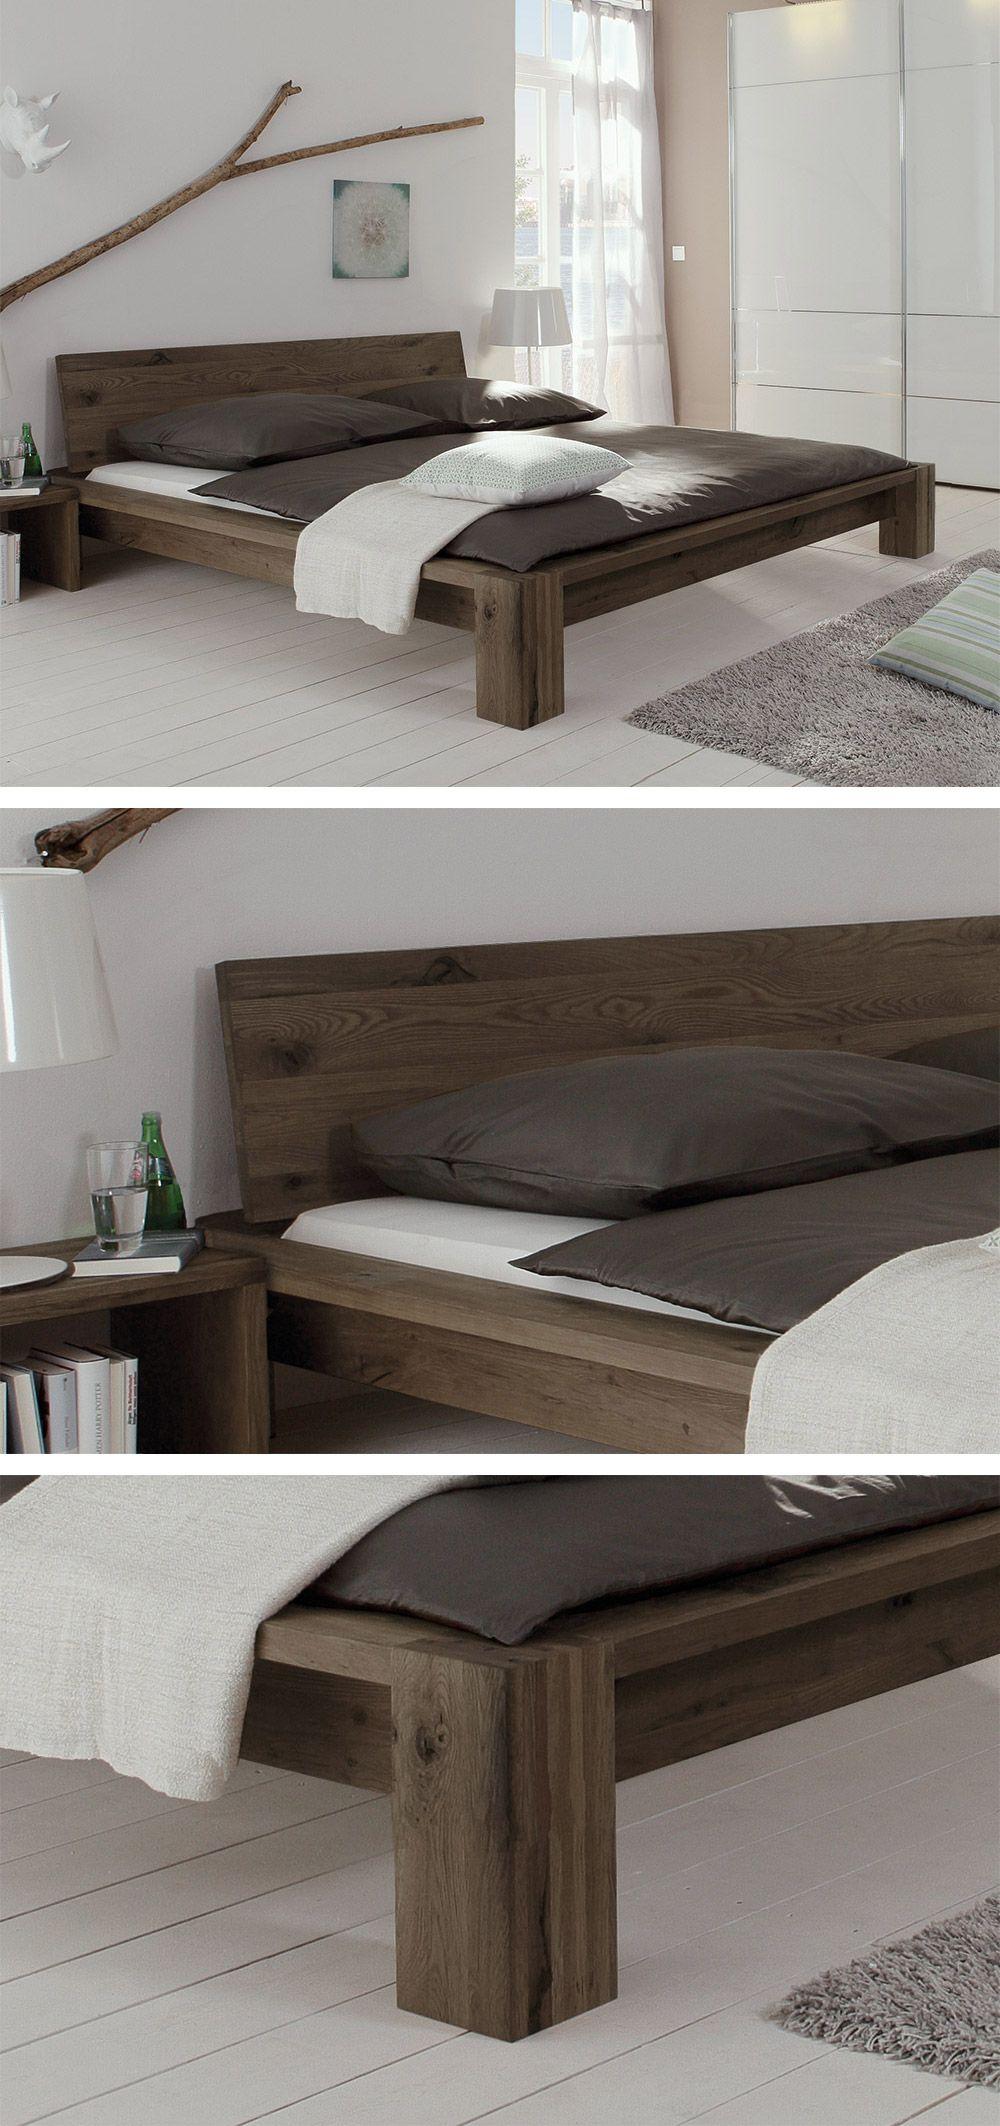 Rustikales Wildeiche Bett Massiv Gebaut Perugia Bett Holz Schlafzimmer Design Wohnung Möbel